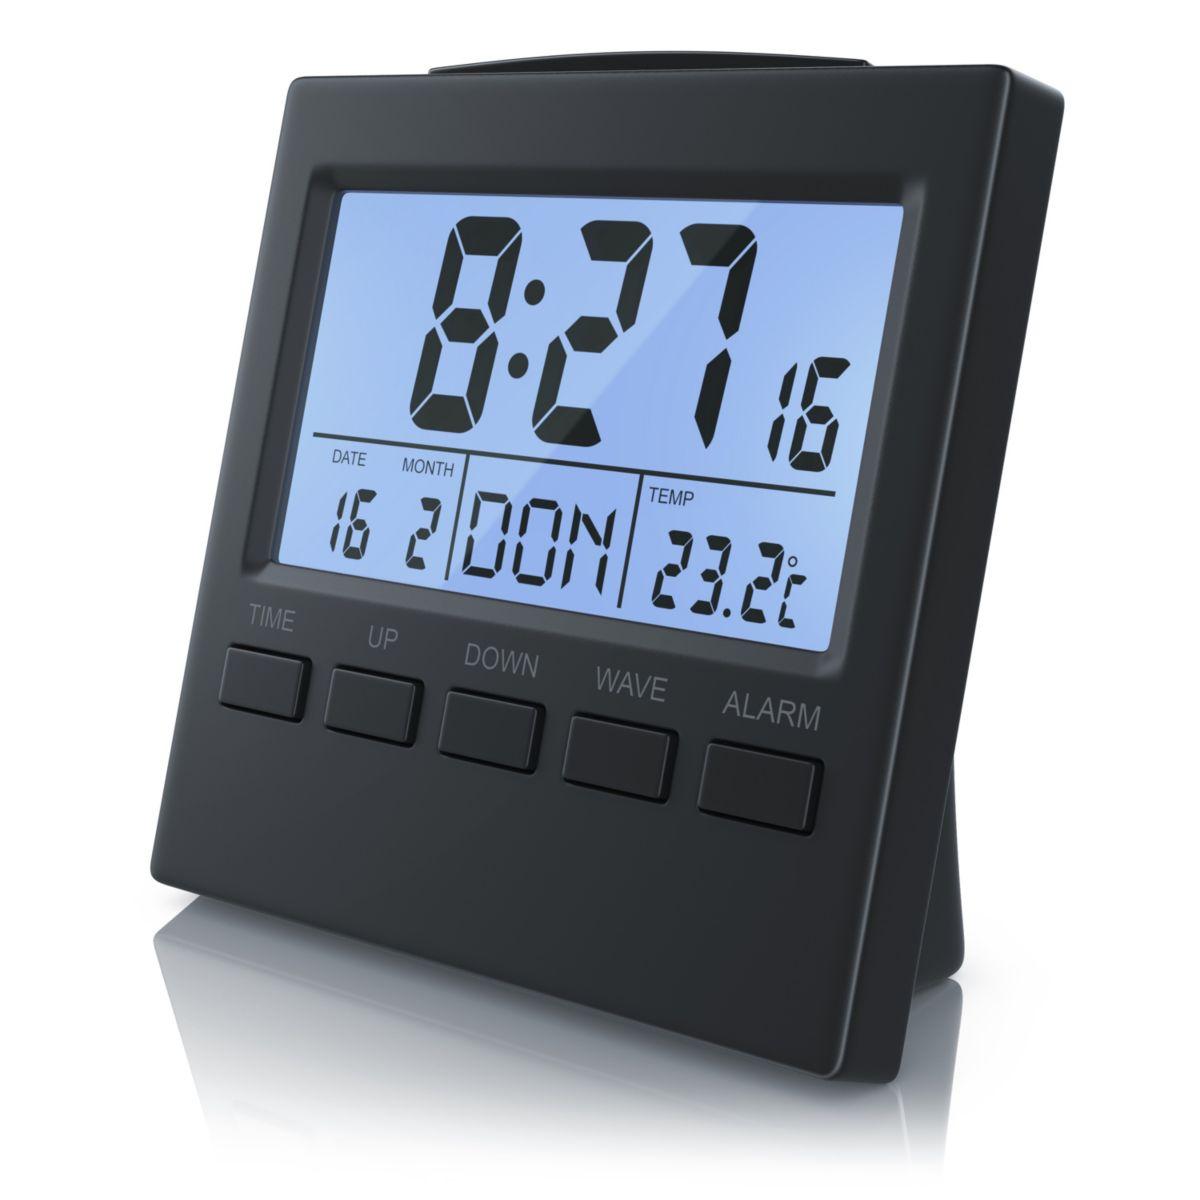 Bearware Digital-Funkwecker mit Innen-Temperaturanzeige »DCF-Funkuhr / Datums & Wochentagsanzeige«